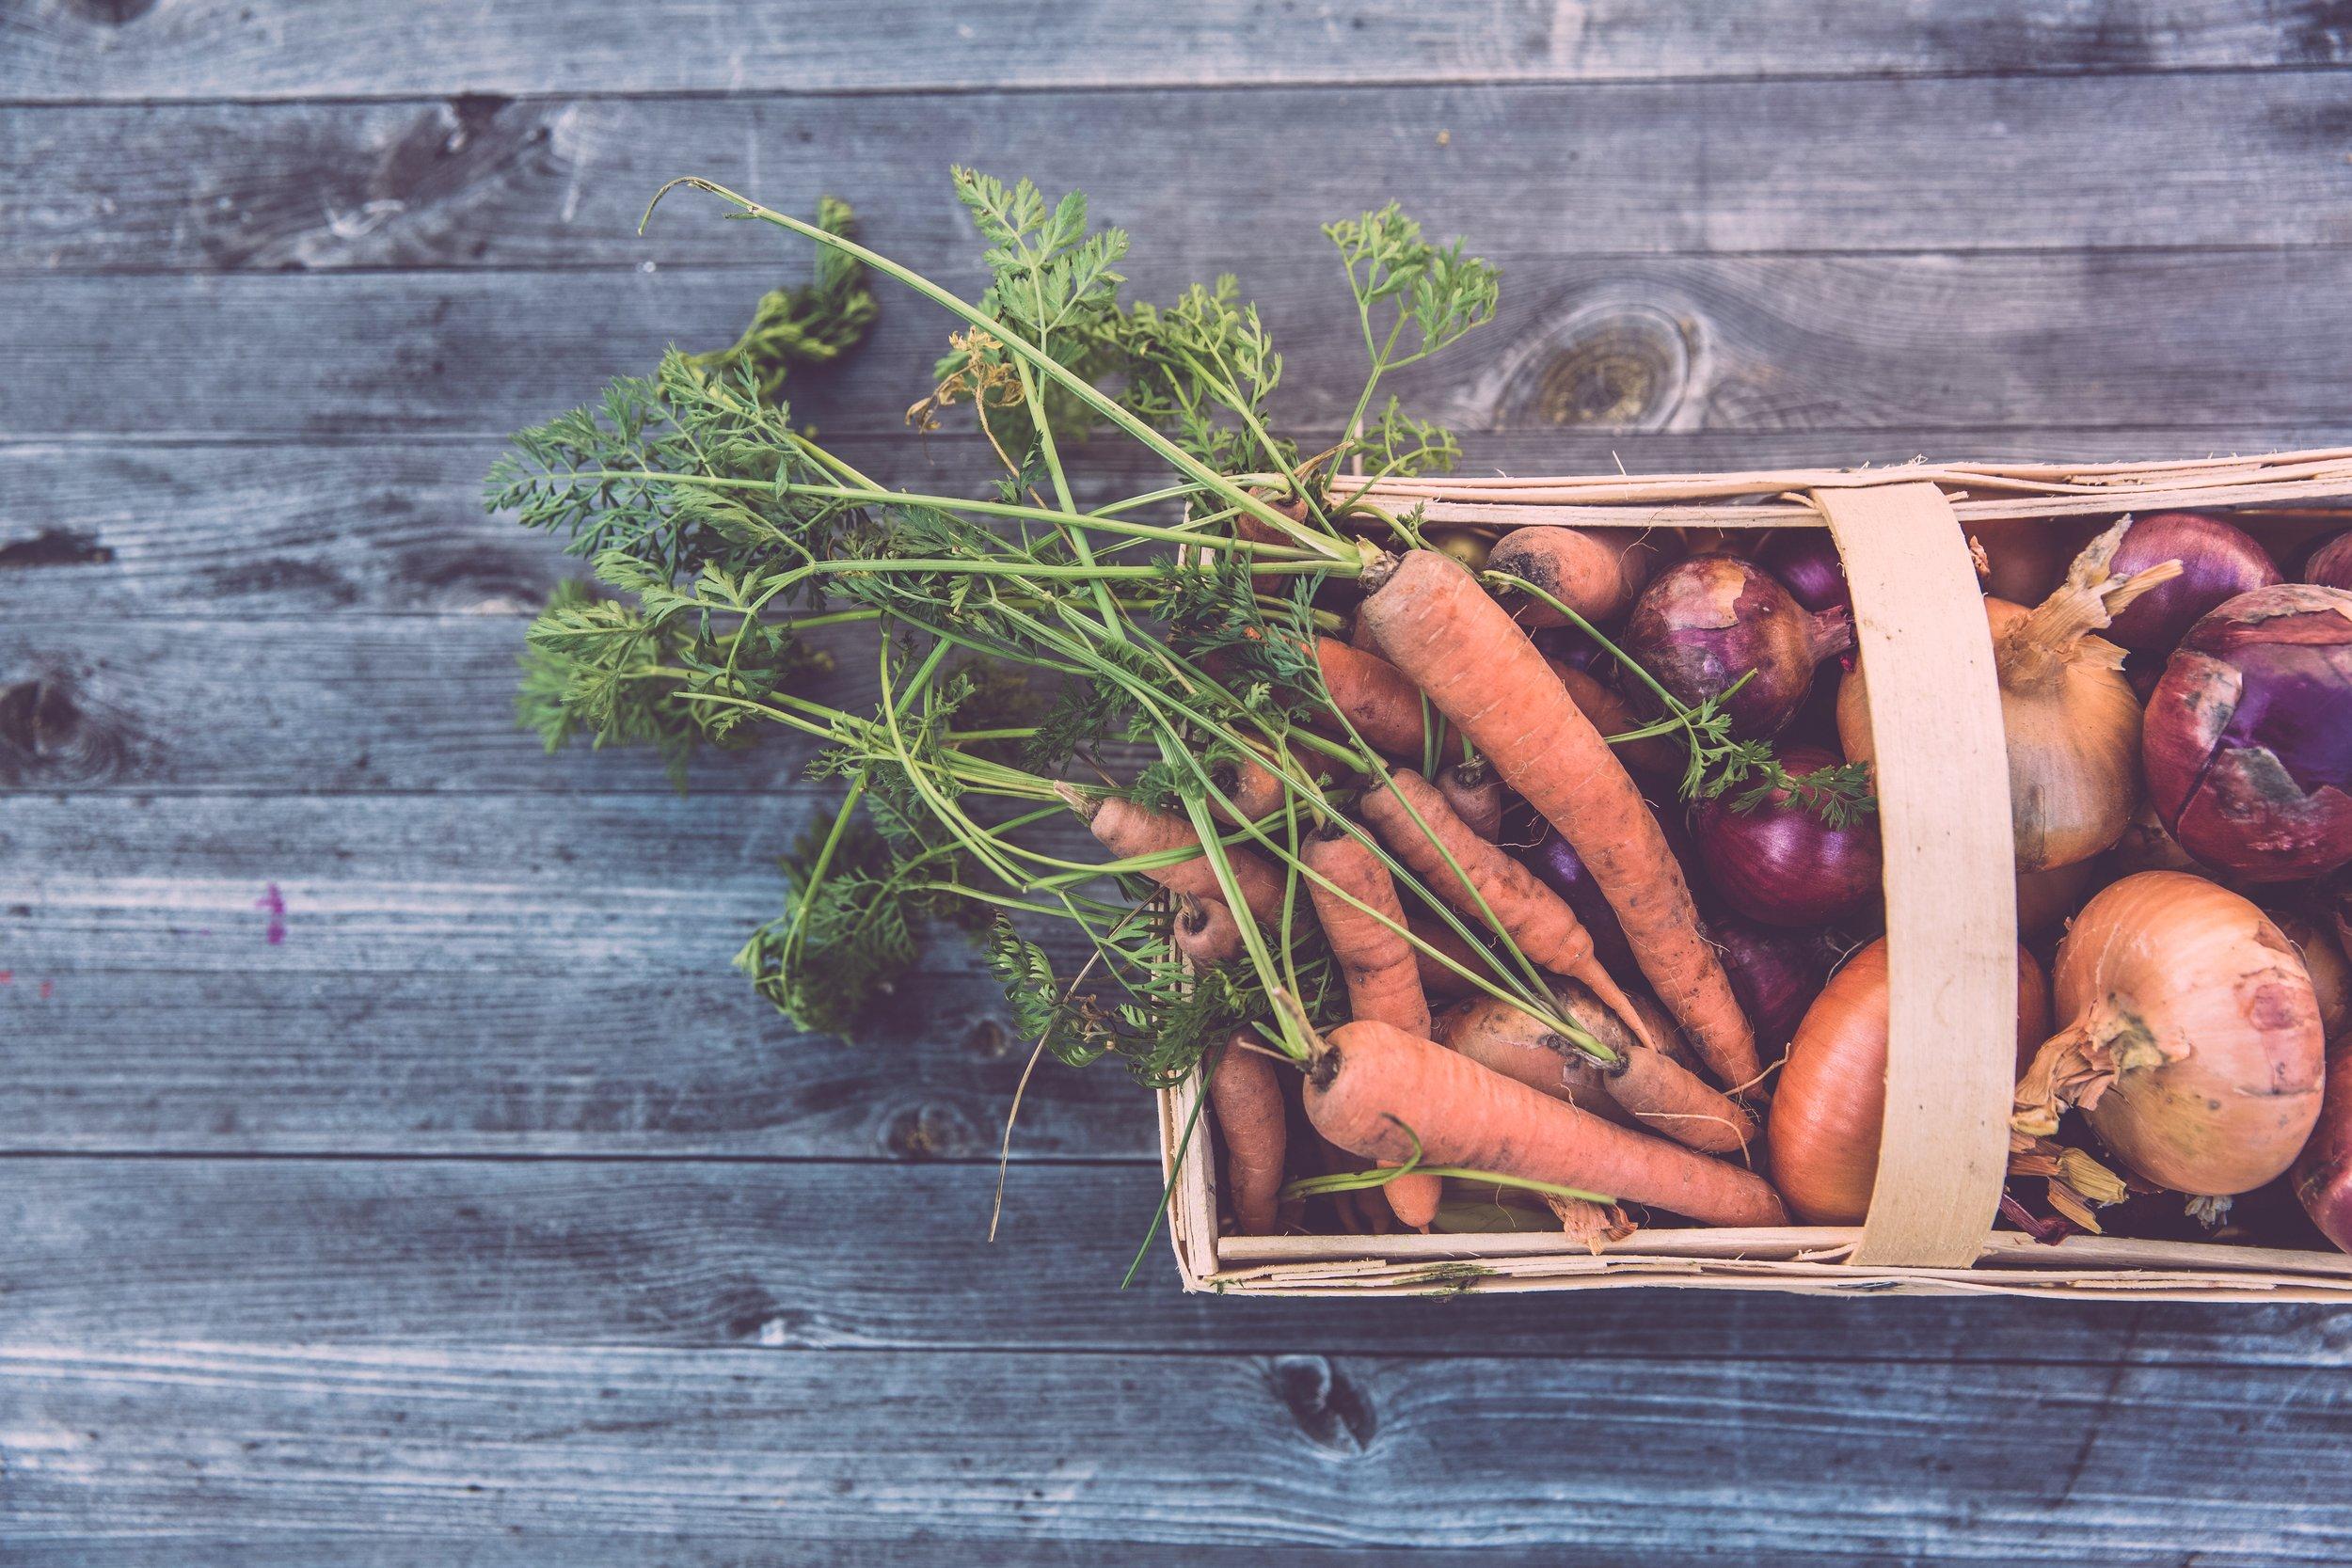 sweet potato carrot ingredients